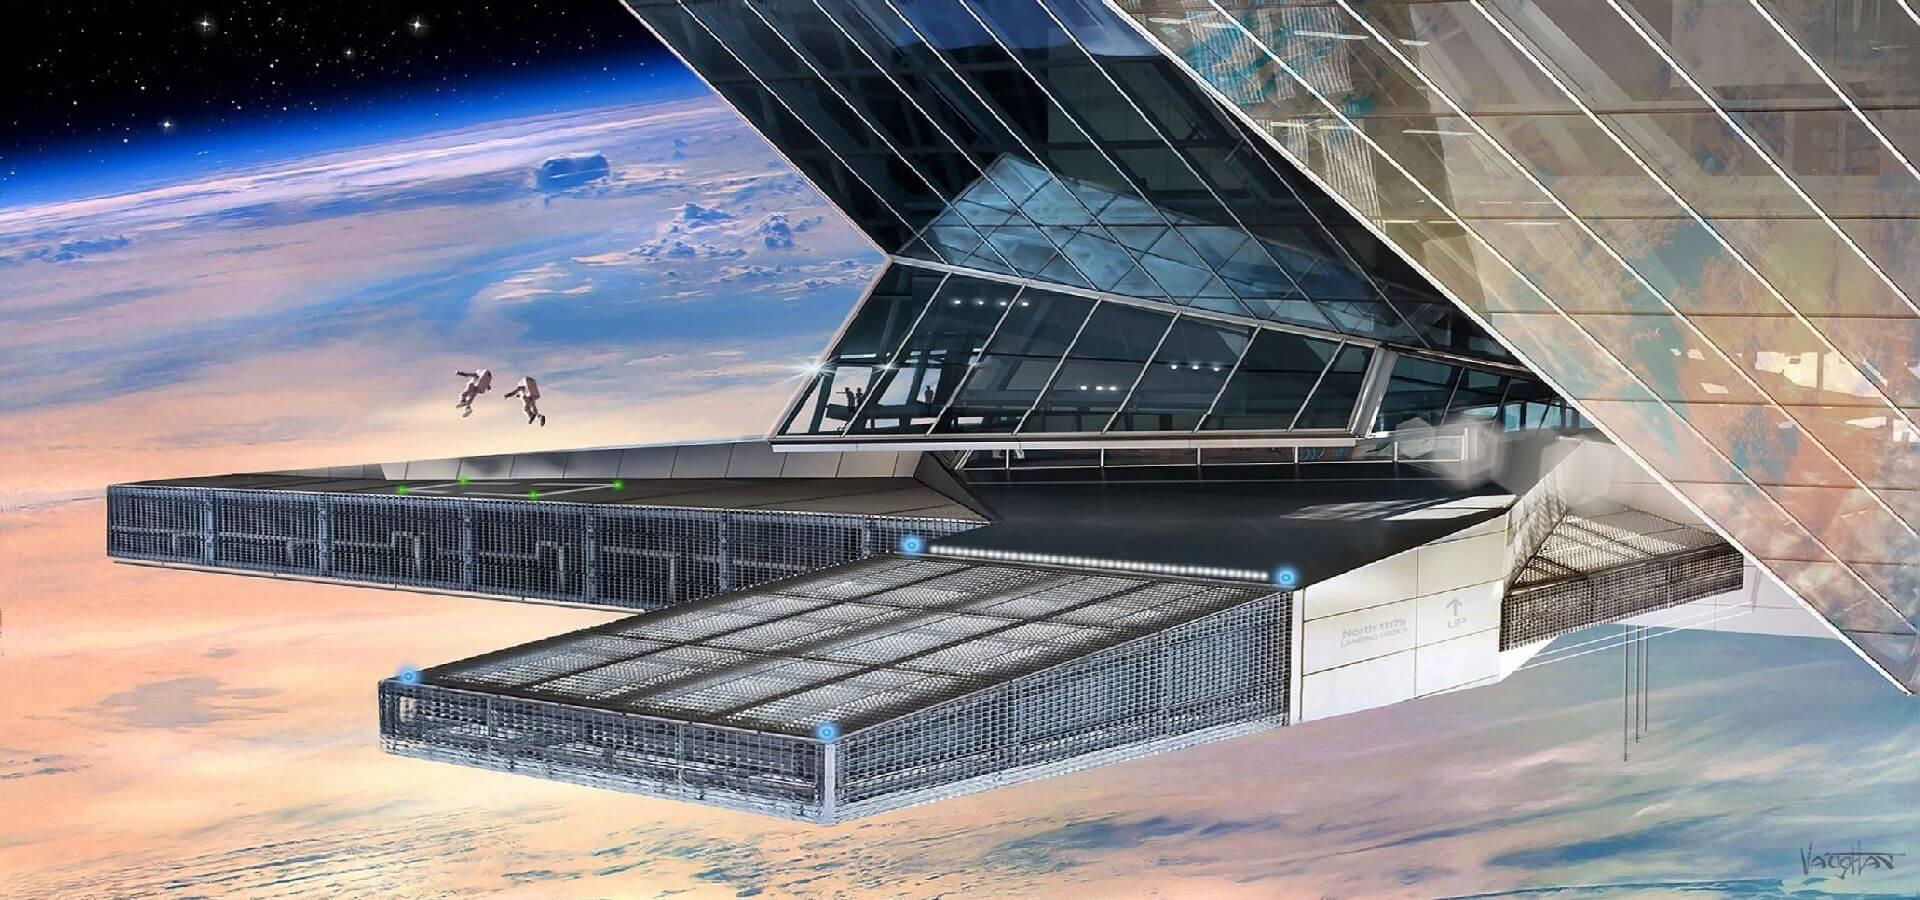 آسگاردیا کشوری مستقل در فضا خواهد بود.